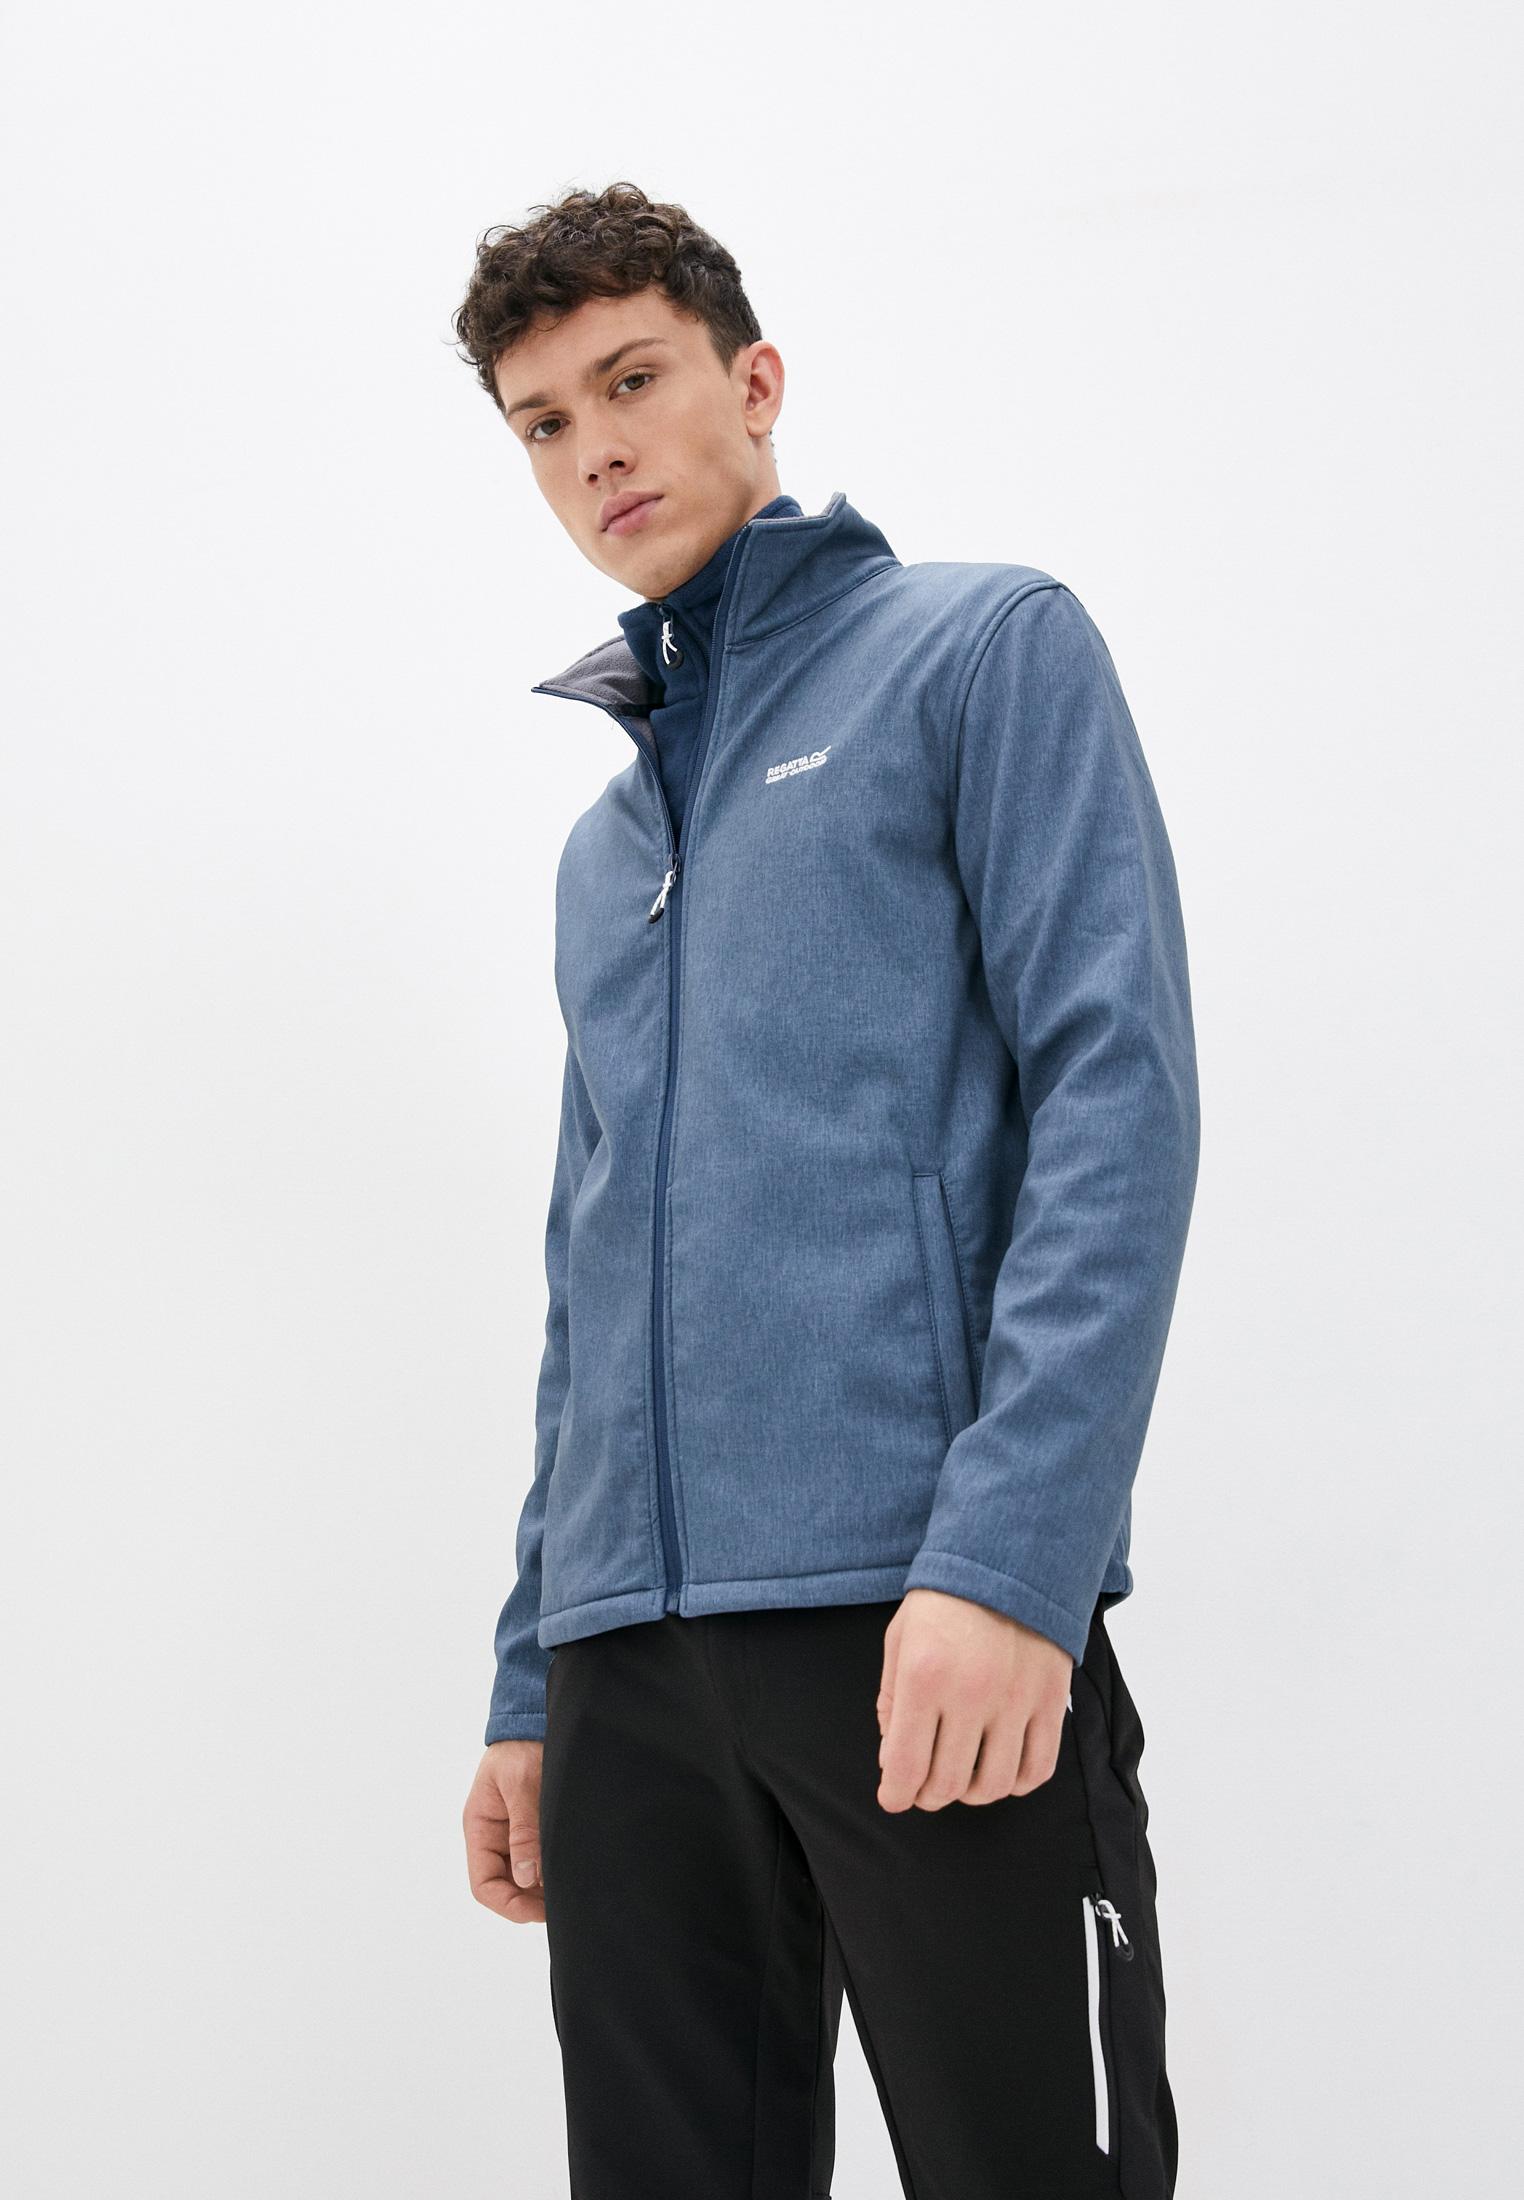 Мужская верхняя одежда Regatta (Регатта) Куртка Regatta